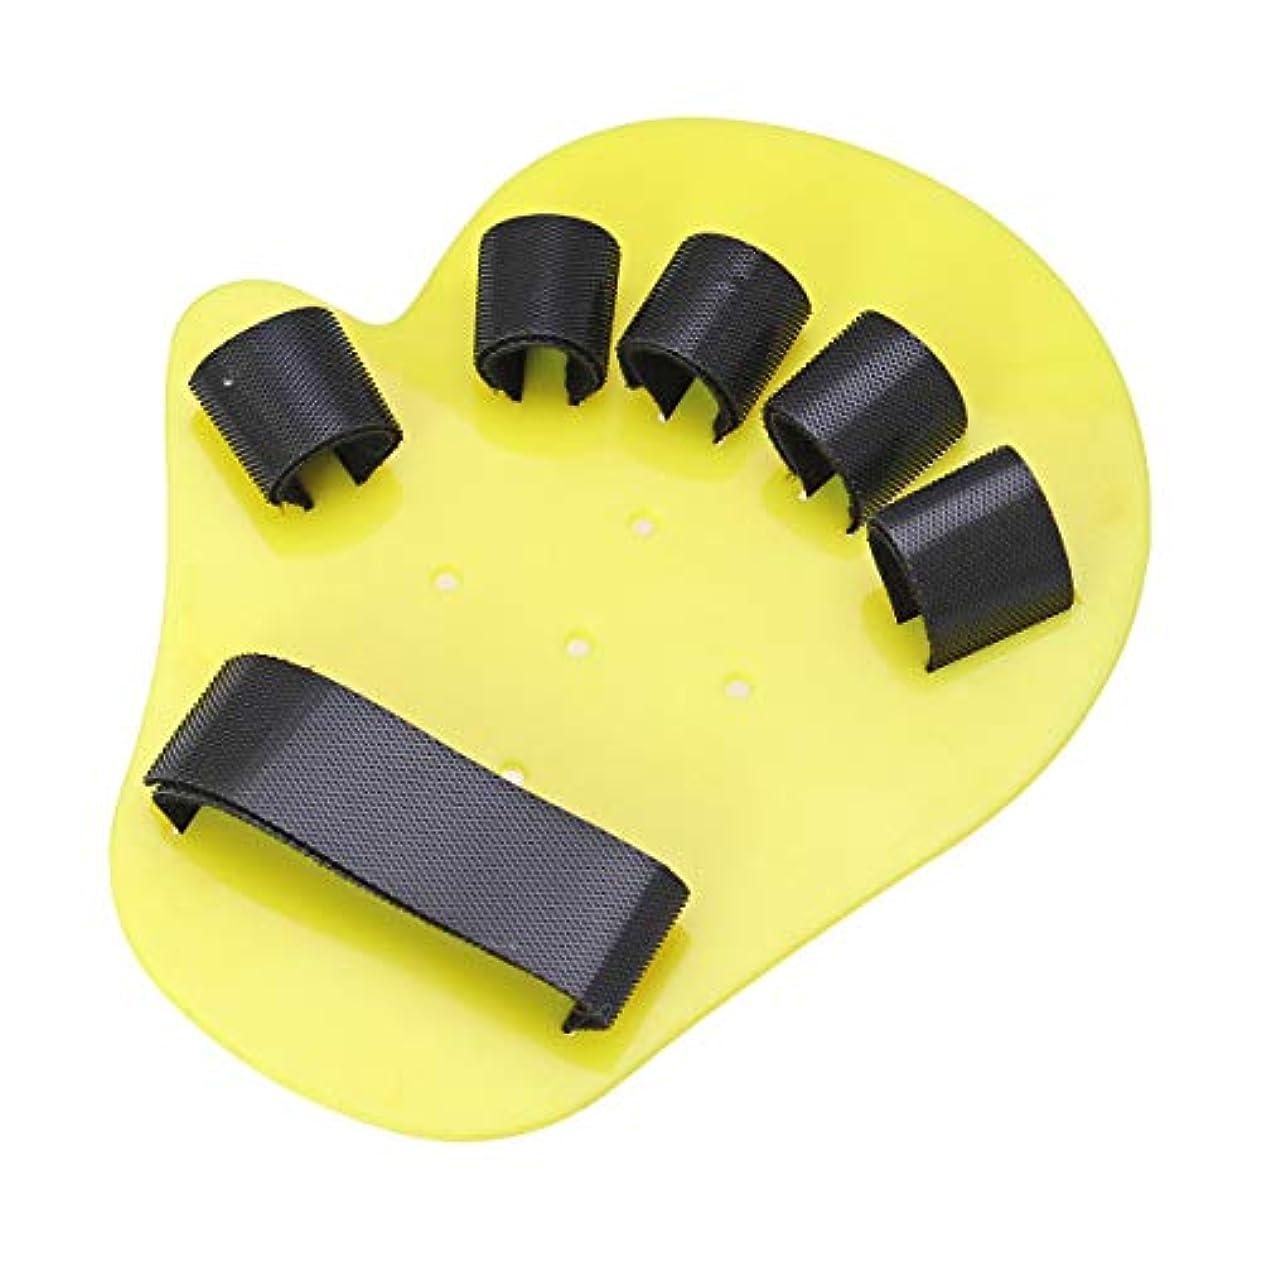 厳密に骨の折れる信念SUPVOX 指の装具キッズ指トレーニングボード指副木指用脳卒中片麻痺5-10年